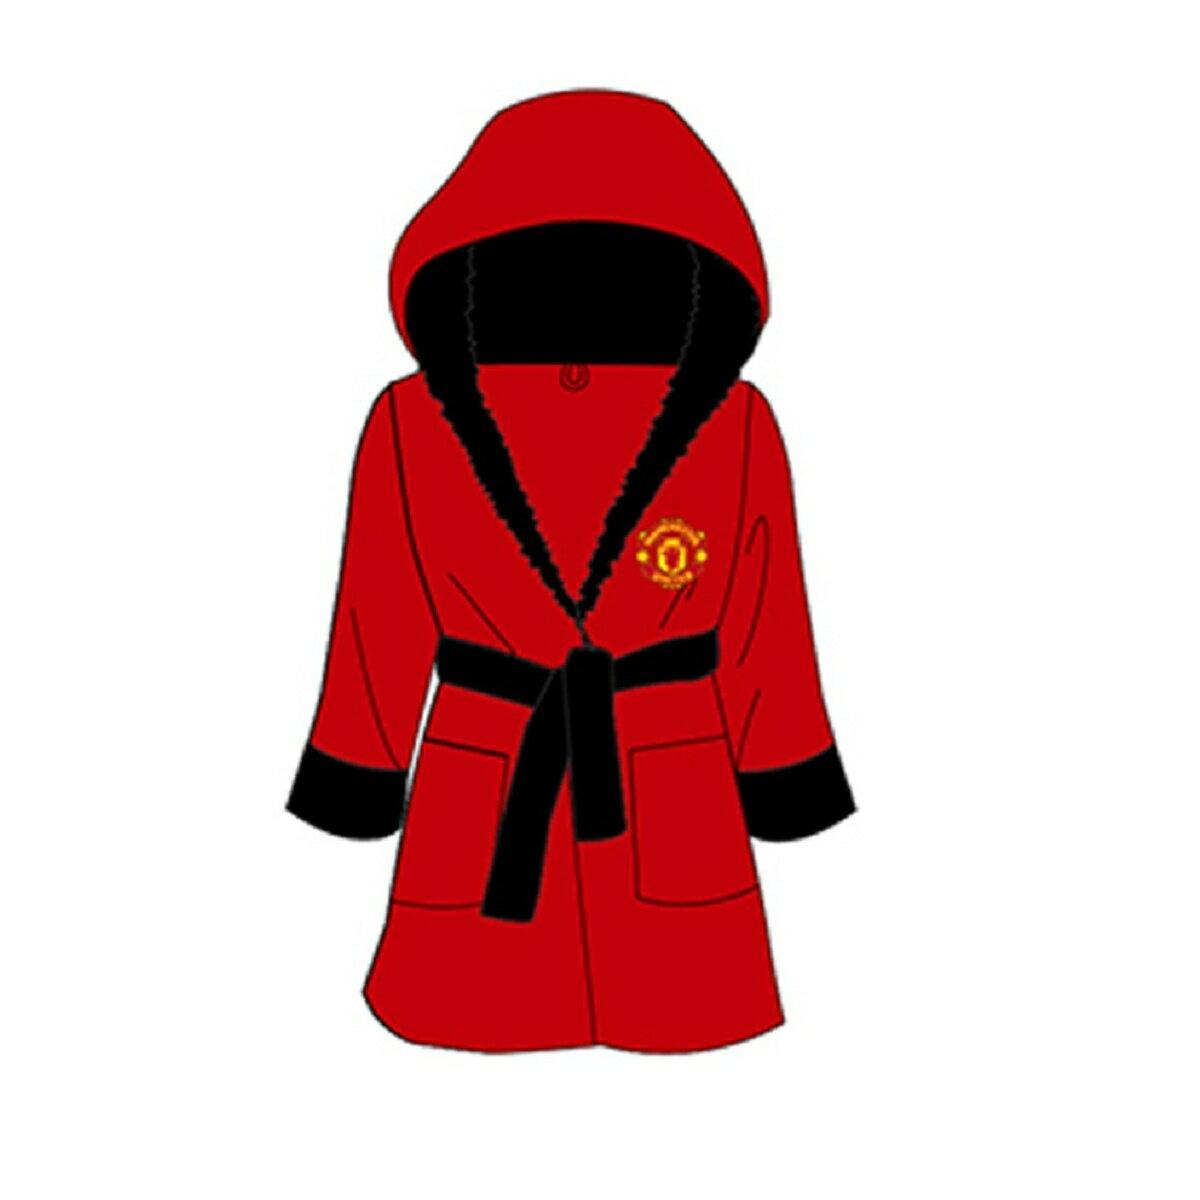 ナイトウェア・ルームウェア, バスローブ  Manchester United FC